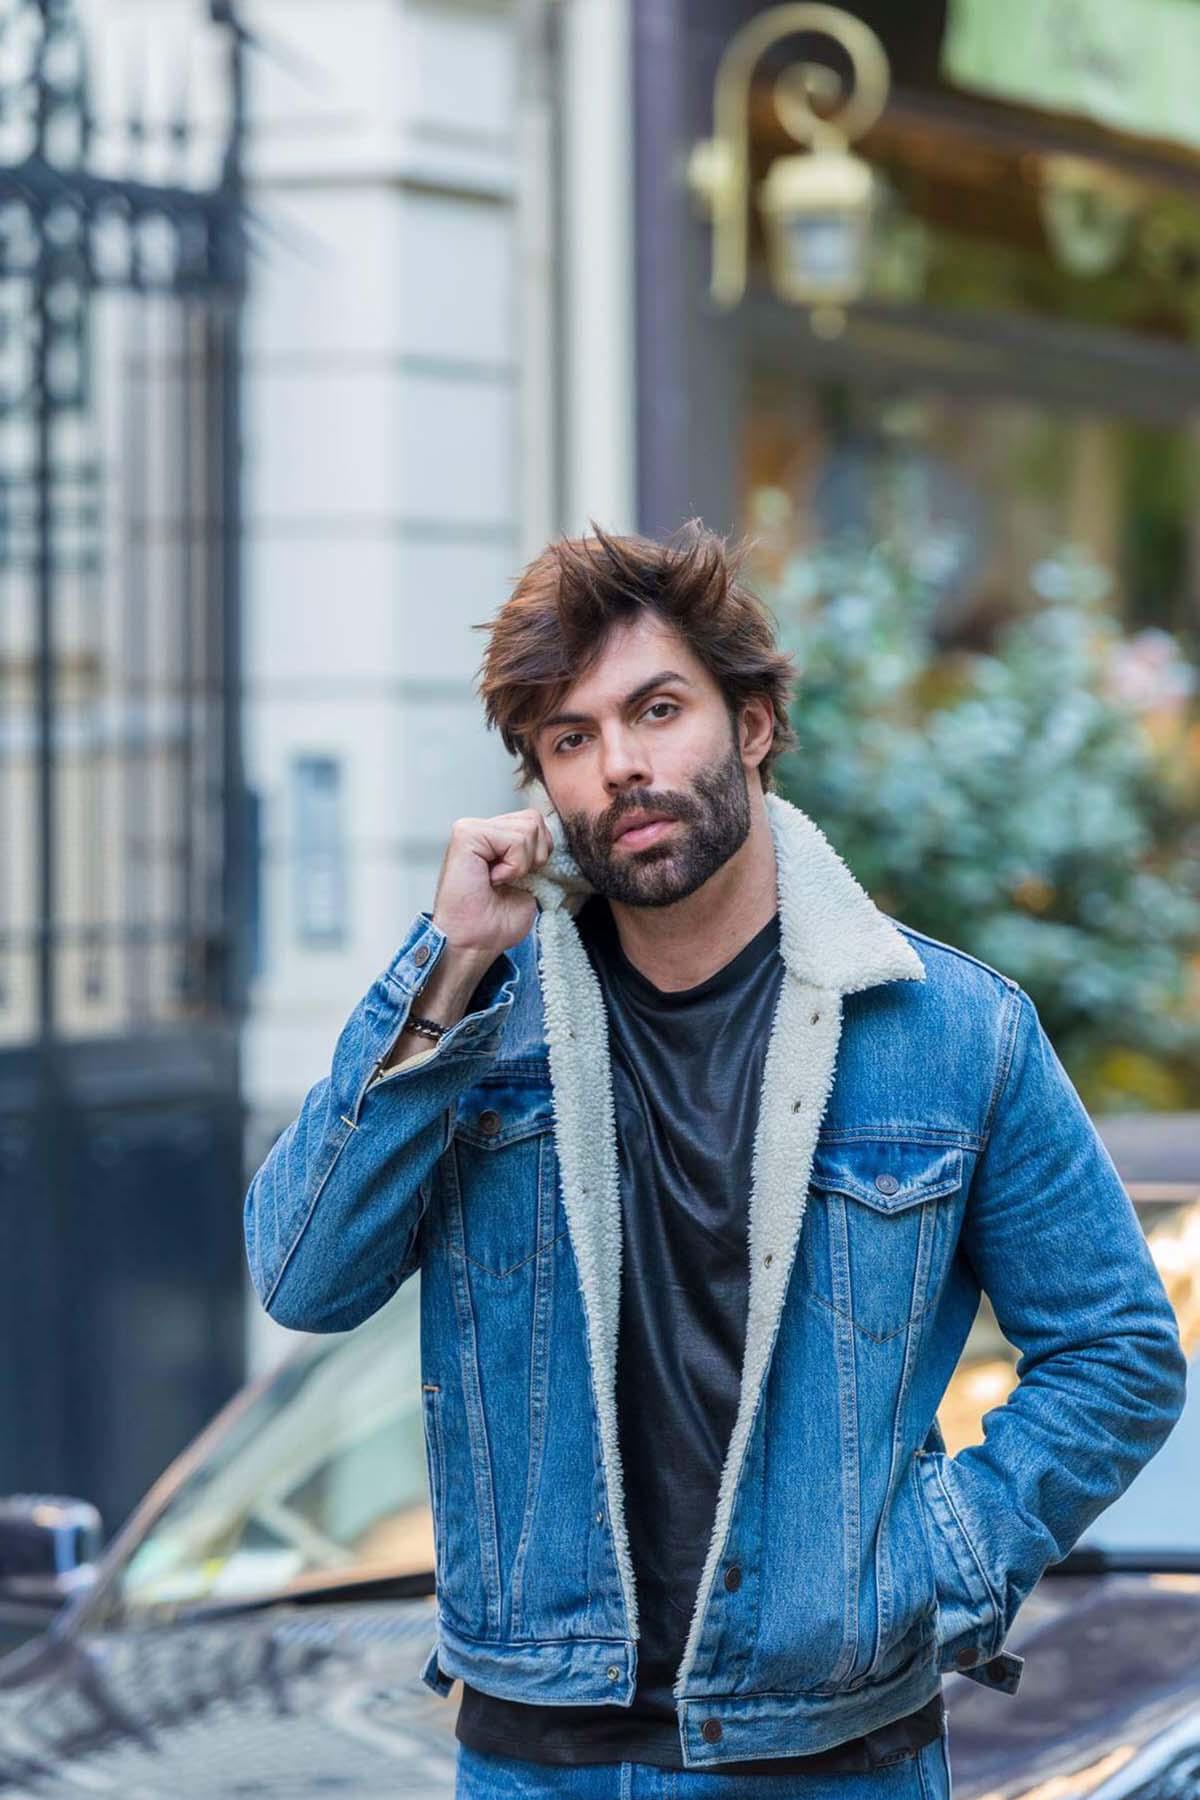 Guilherme Acrízio by Fabio Nazareno for Brazilian Male Model